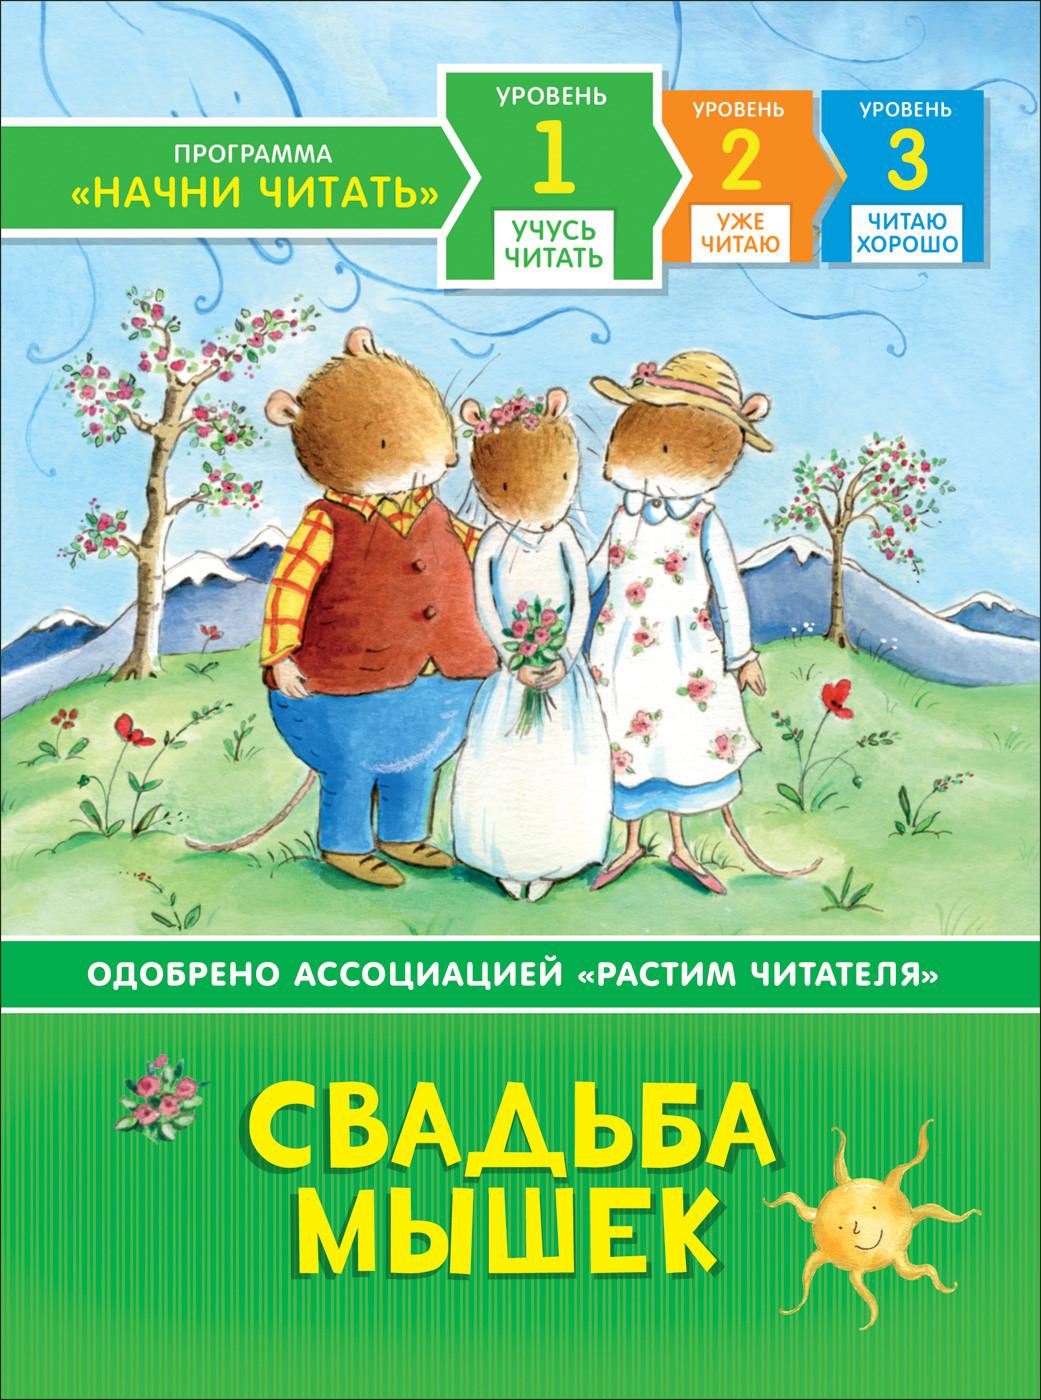 Свадьба мышек: Уровнеь 1: Учусь читать